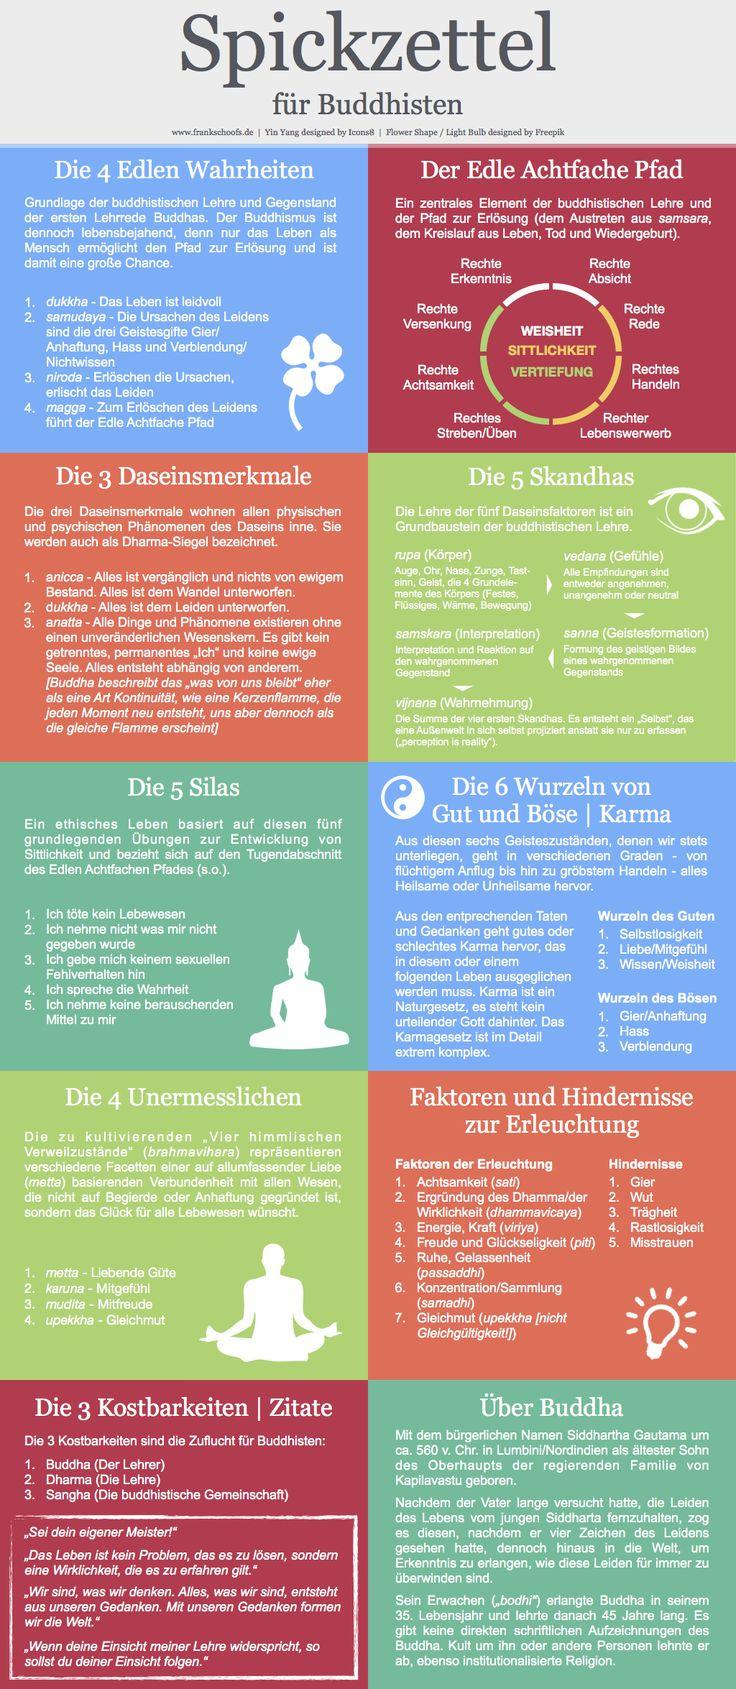 Die wichtigsten Begriffe des Buddhismus im Überblick - Skandhas - Edler Achtfacher Pfad - Edle Wahrheiten - 5 Silas